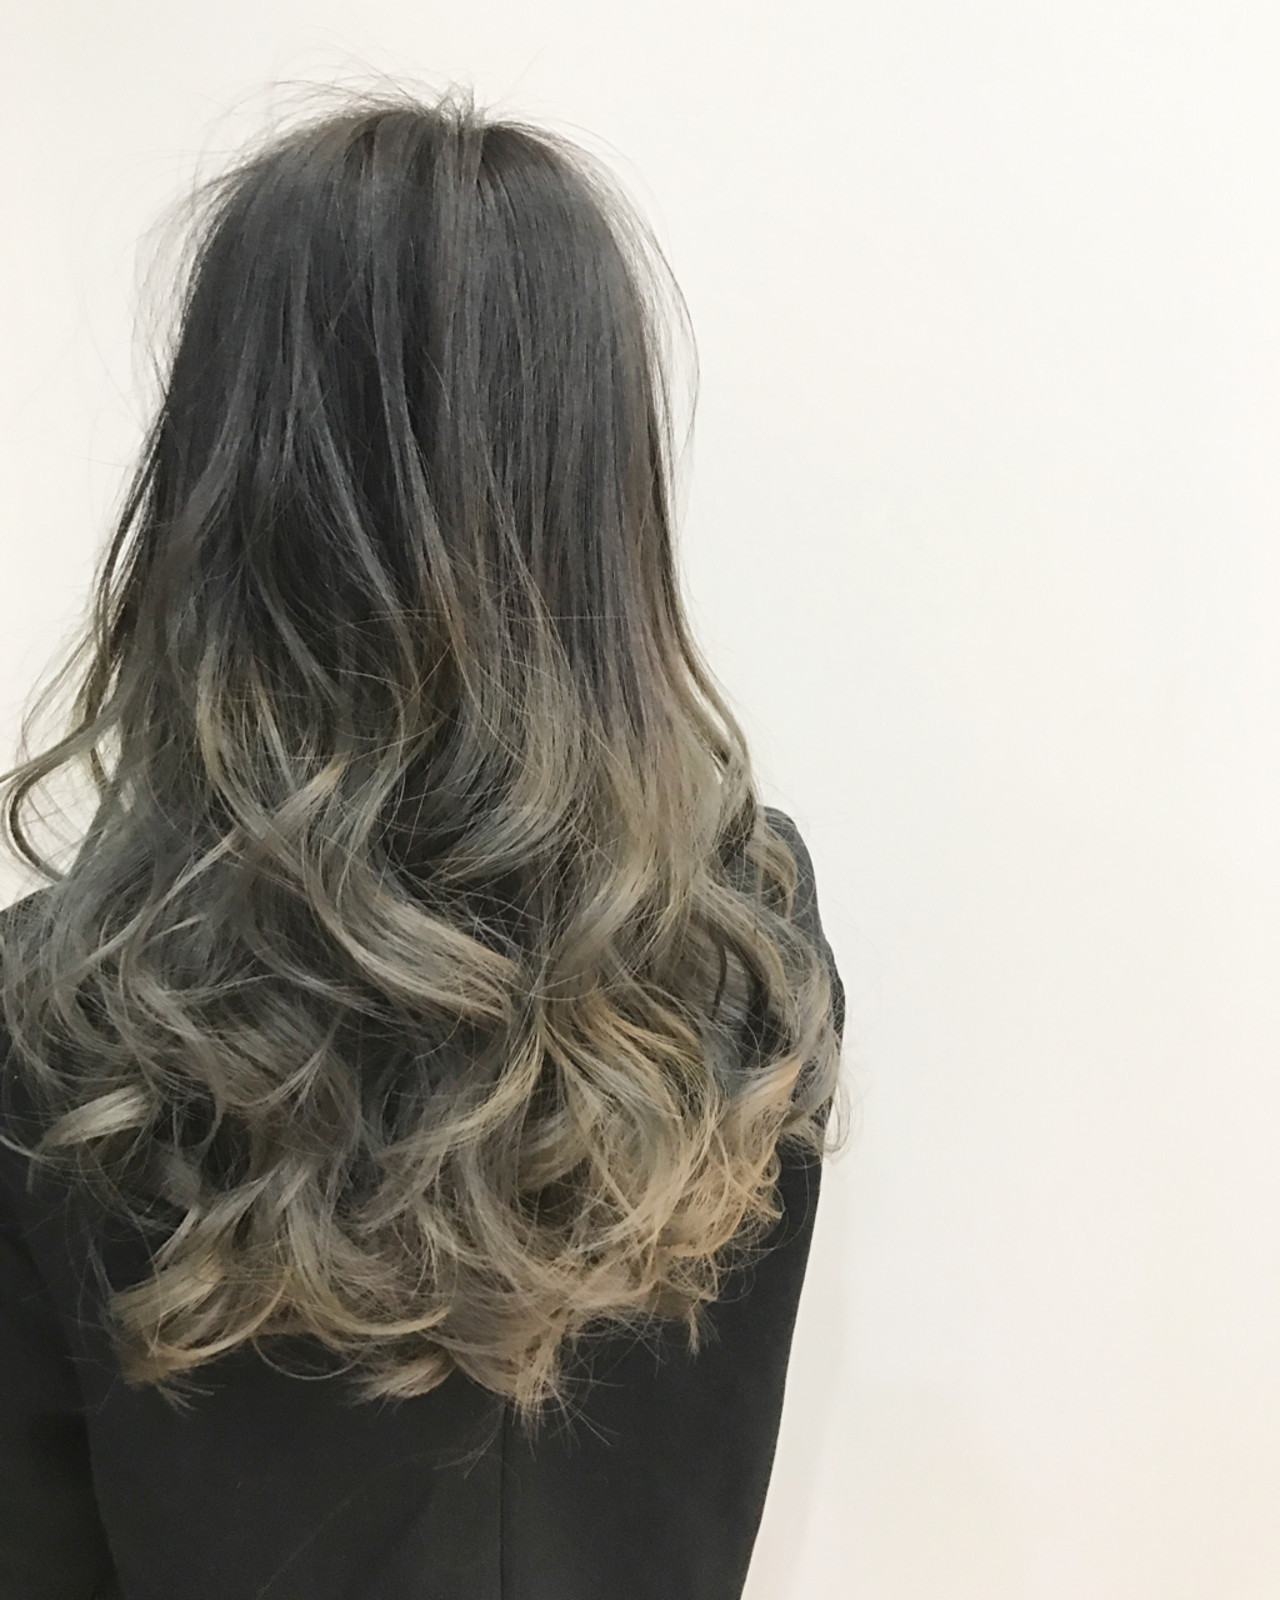 セミロング グラデーションカラー アッシュグレー ハイライト ヘアスタイルや髪型の写真・画像